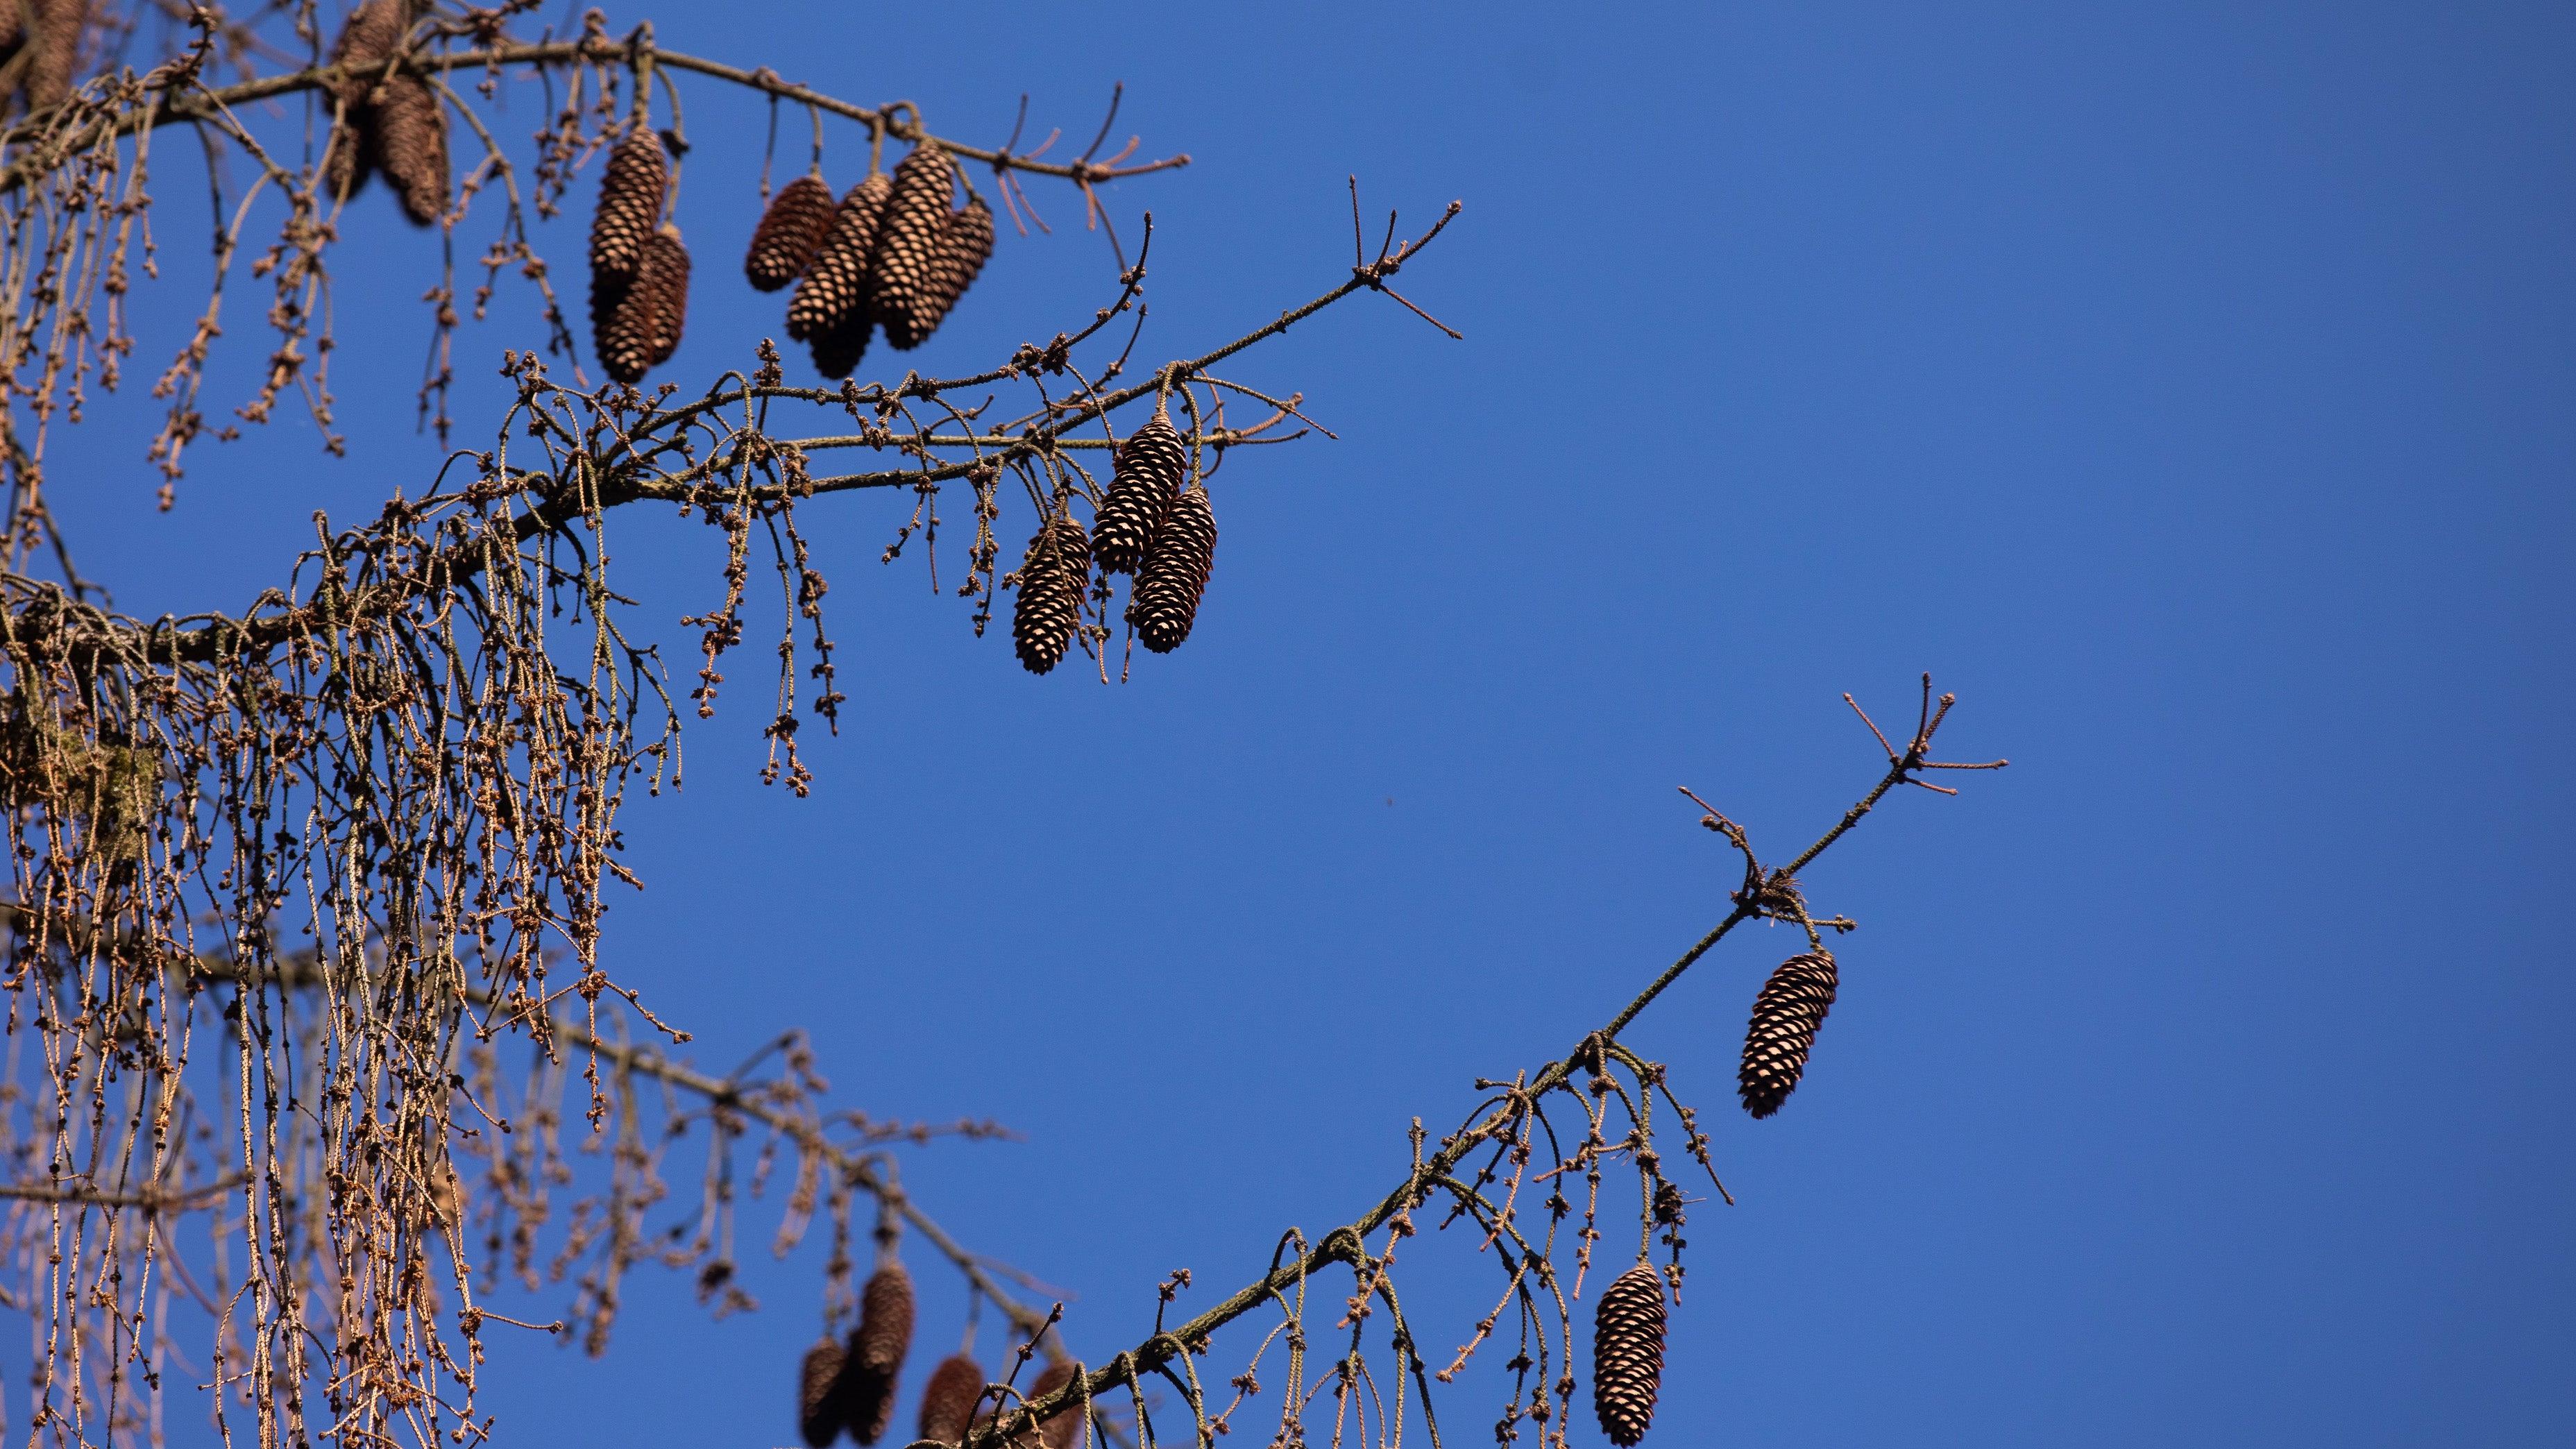 Pilze, Käferplage, Schleimfluss: So schlimm steht es um Deutschlands Bäume wirklich